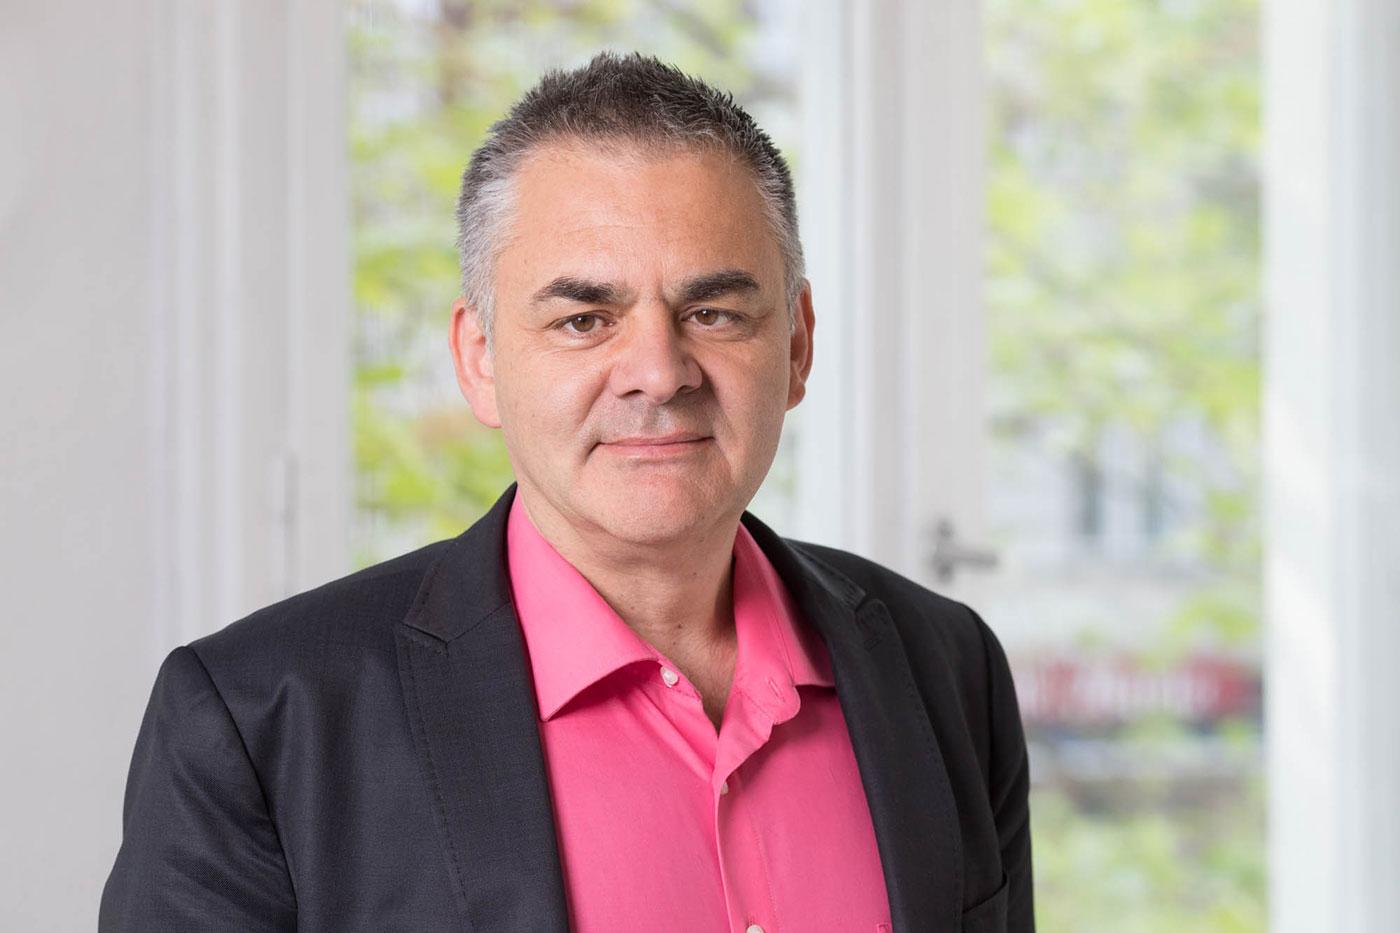 Rechtsanwalt Thomas Berger, Berlin